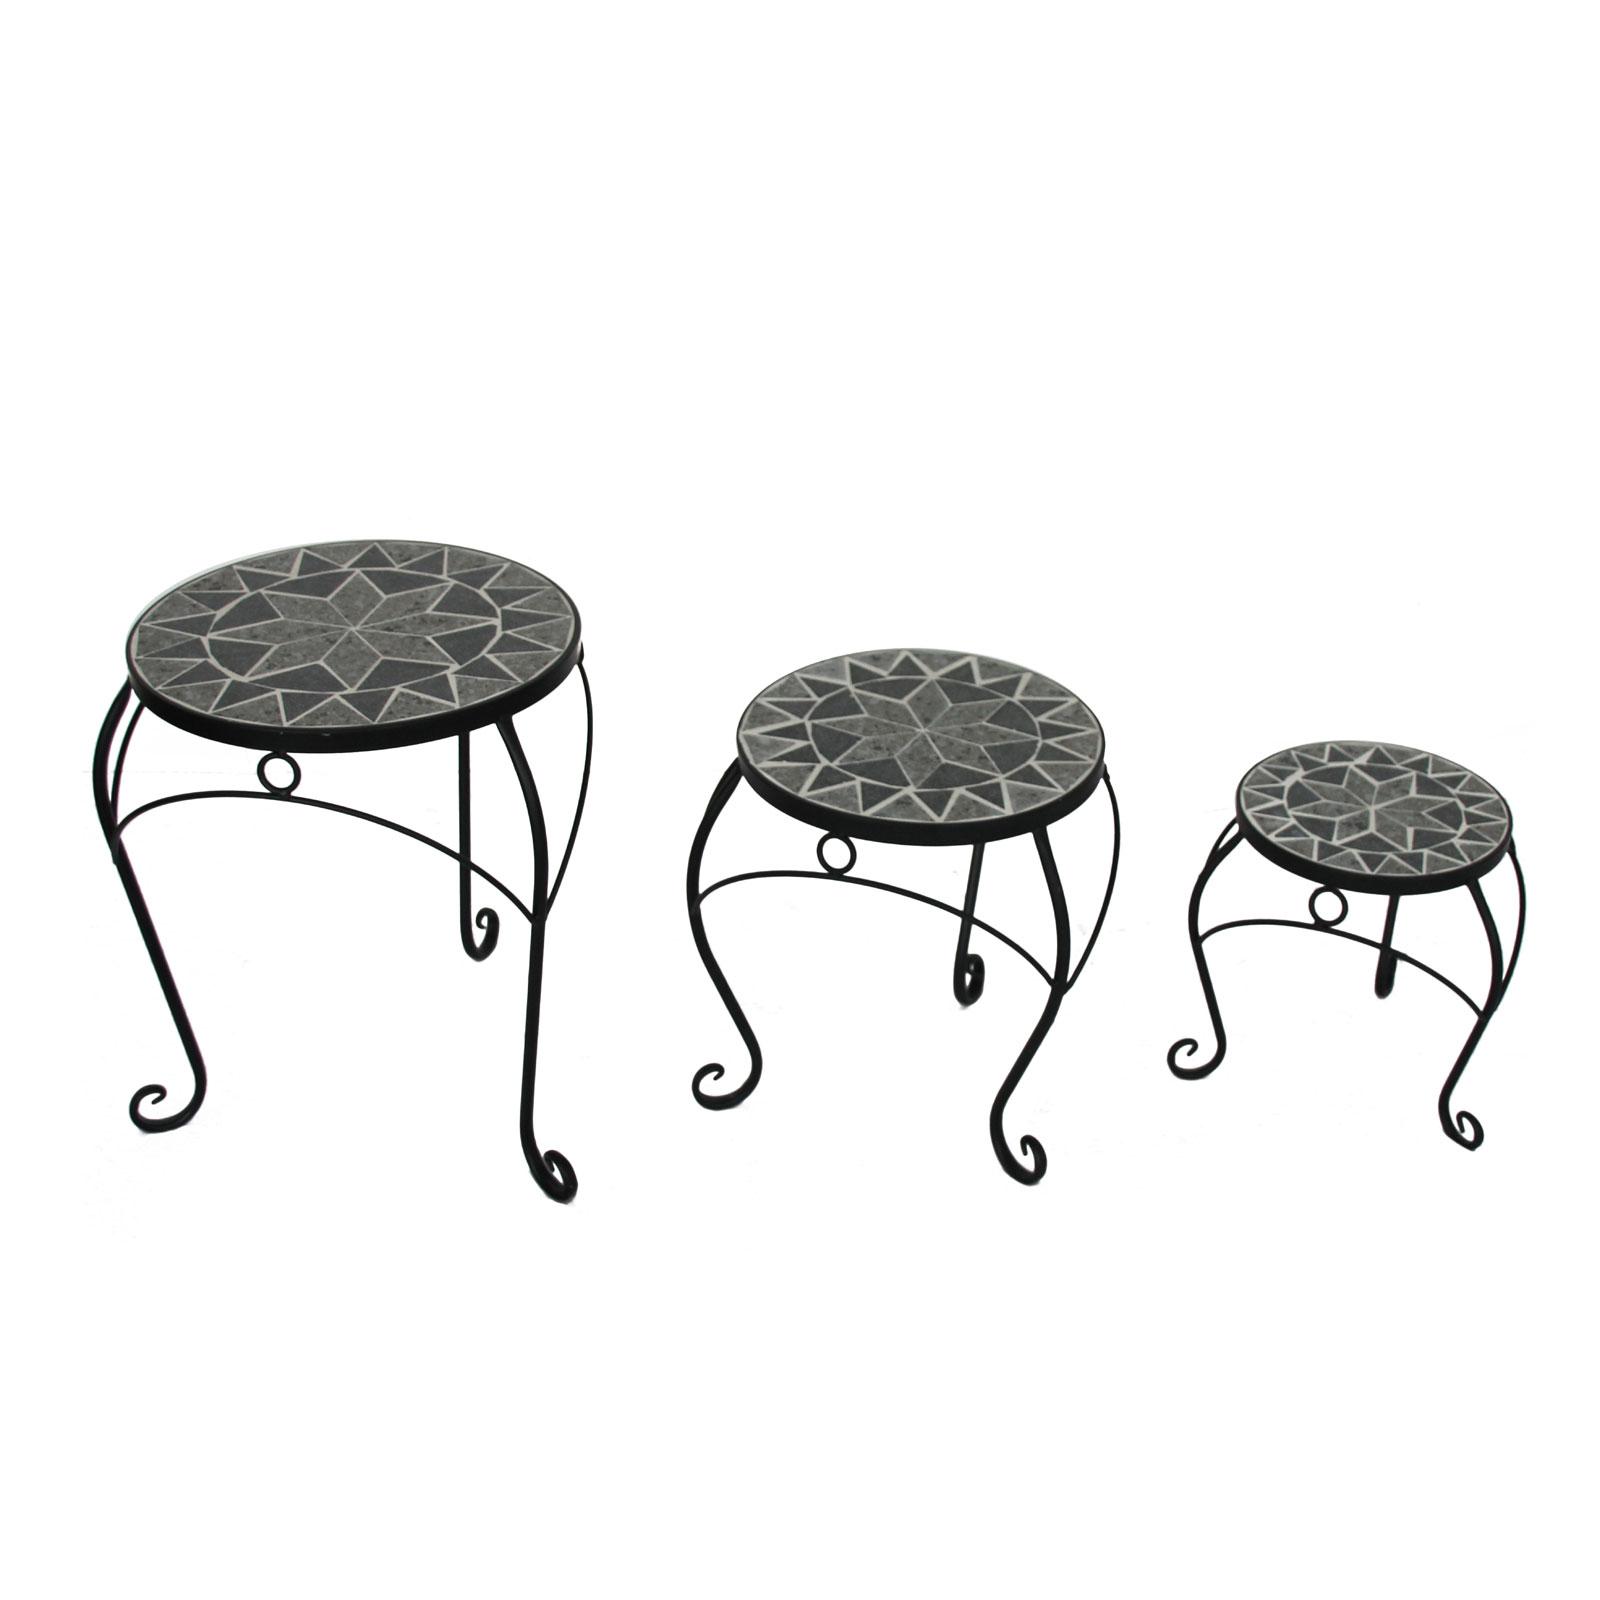 3 Satz Tisch Set Metall Mit Geschwungenen Beinen Und